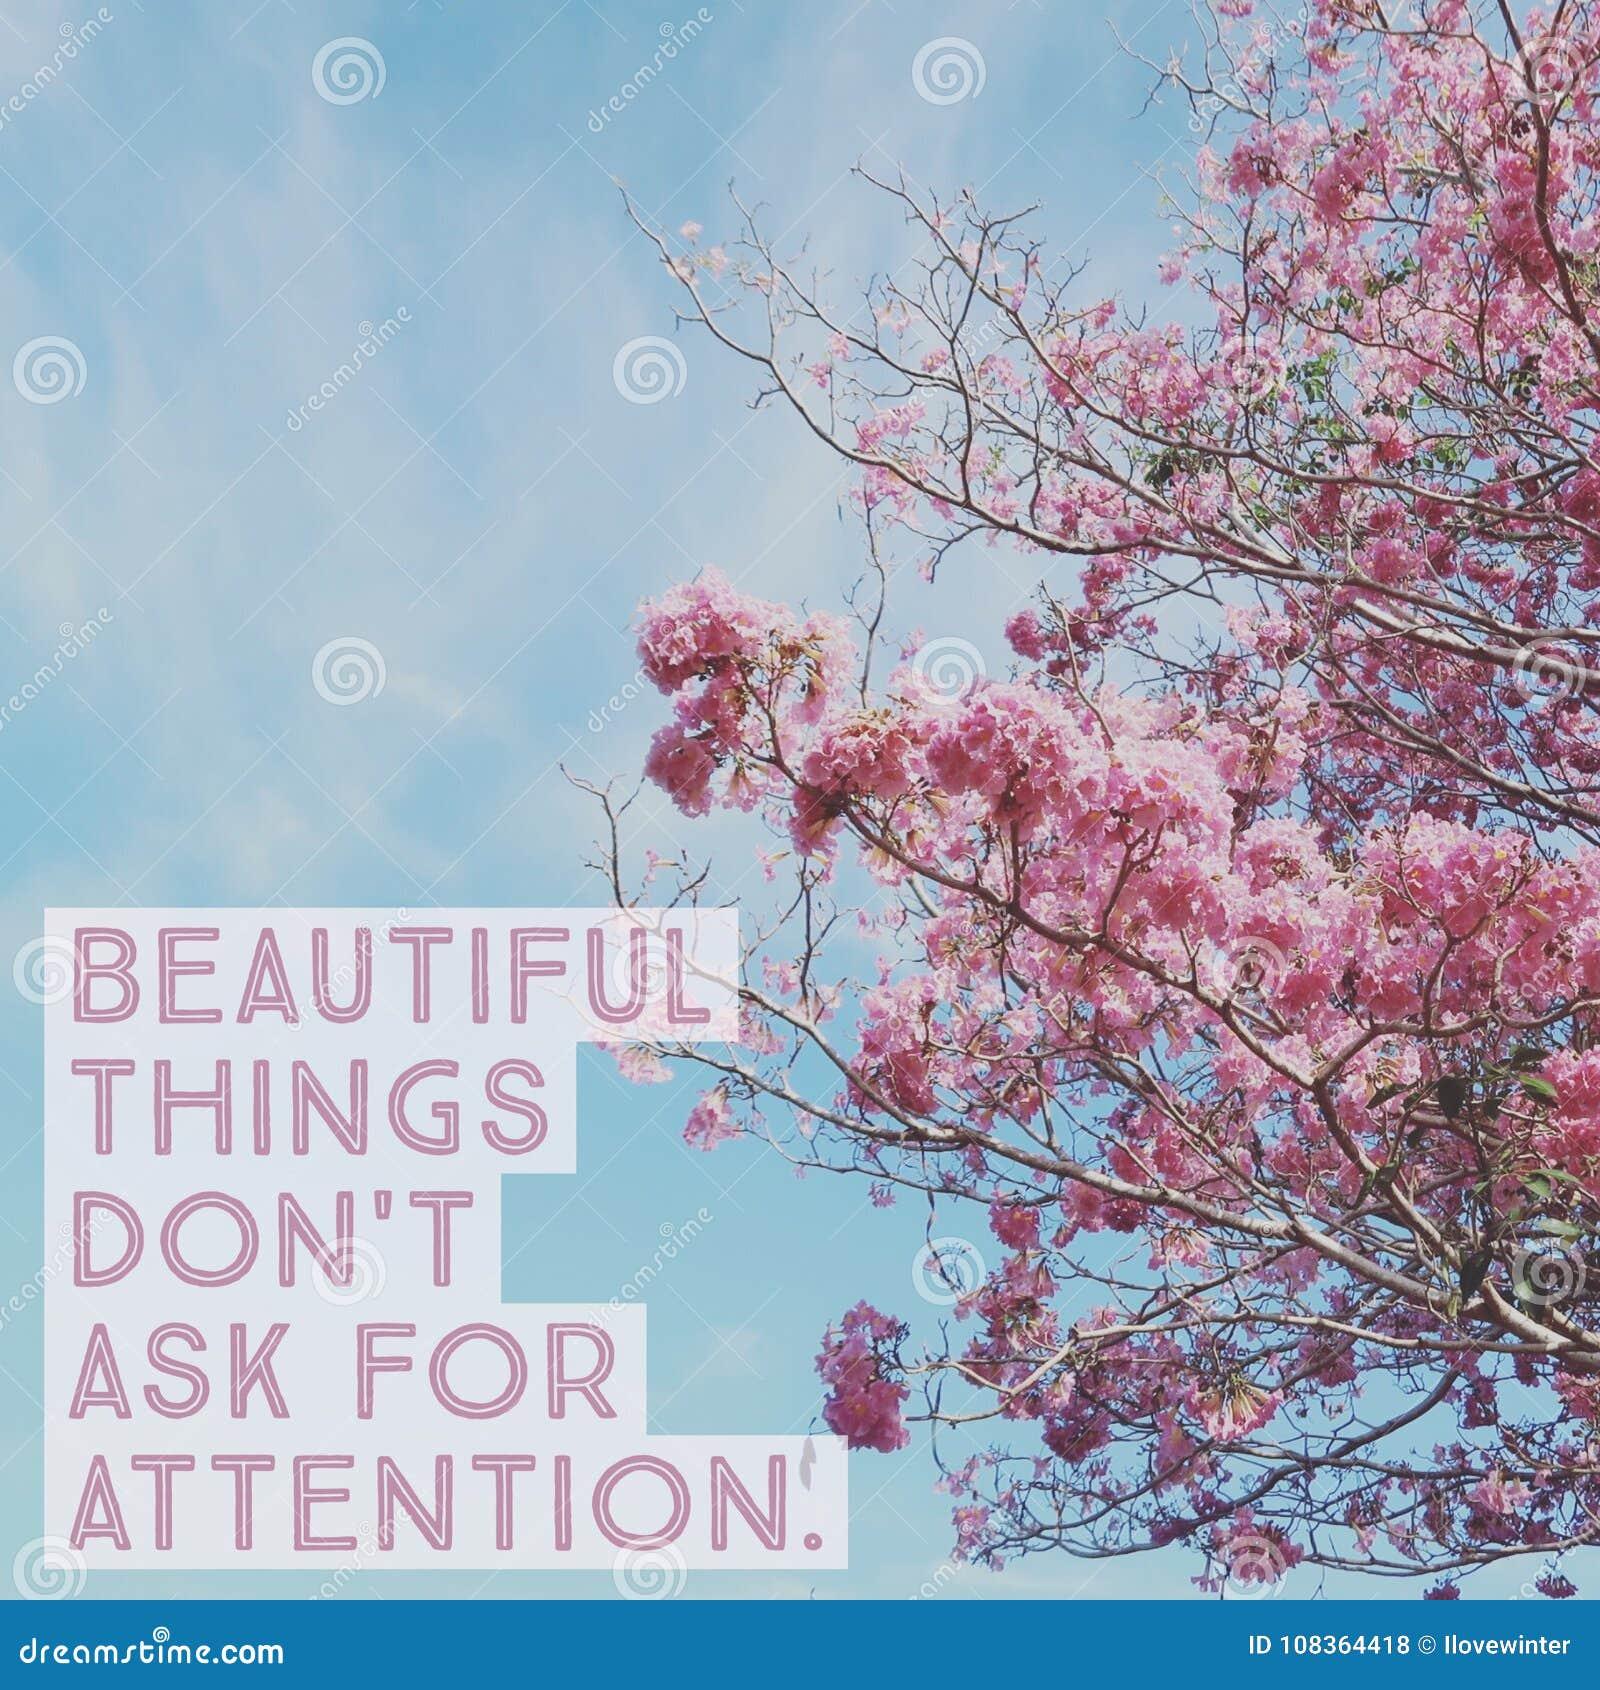 Inspirierend Motivzitat ` schöne Sachen ziehen ` t bitten um Aufmerksamkeit ` an